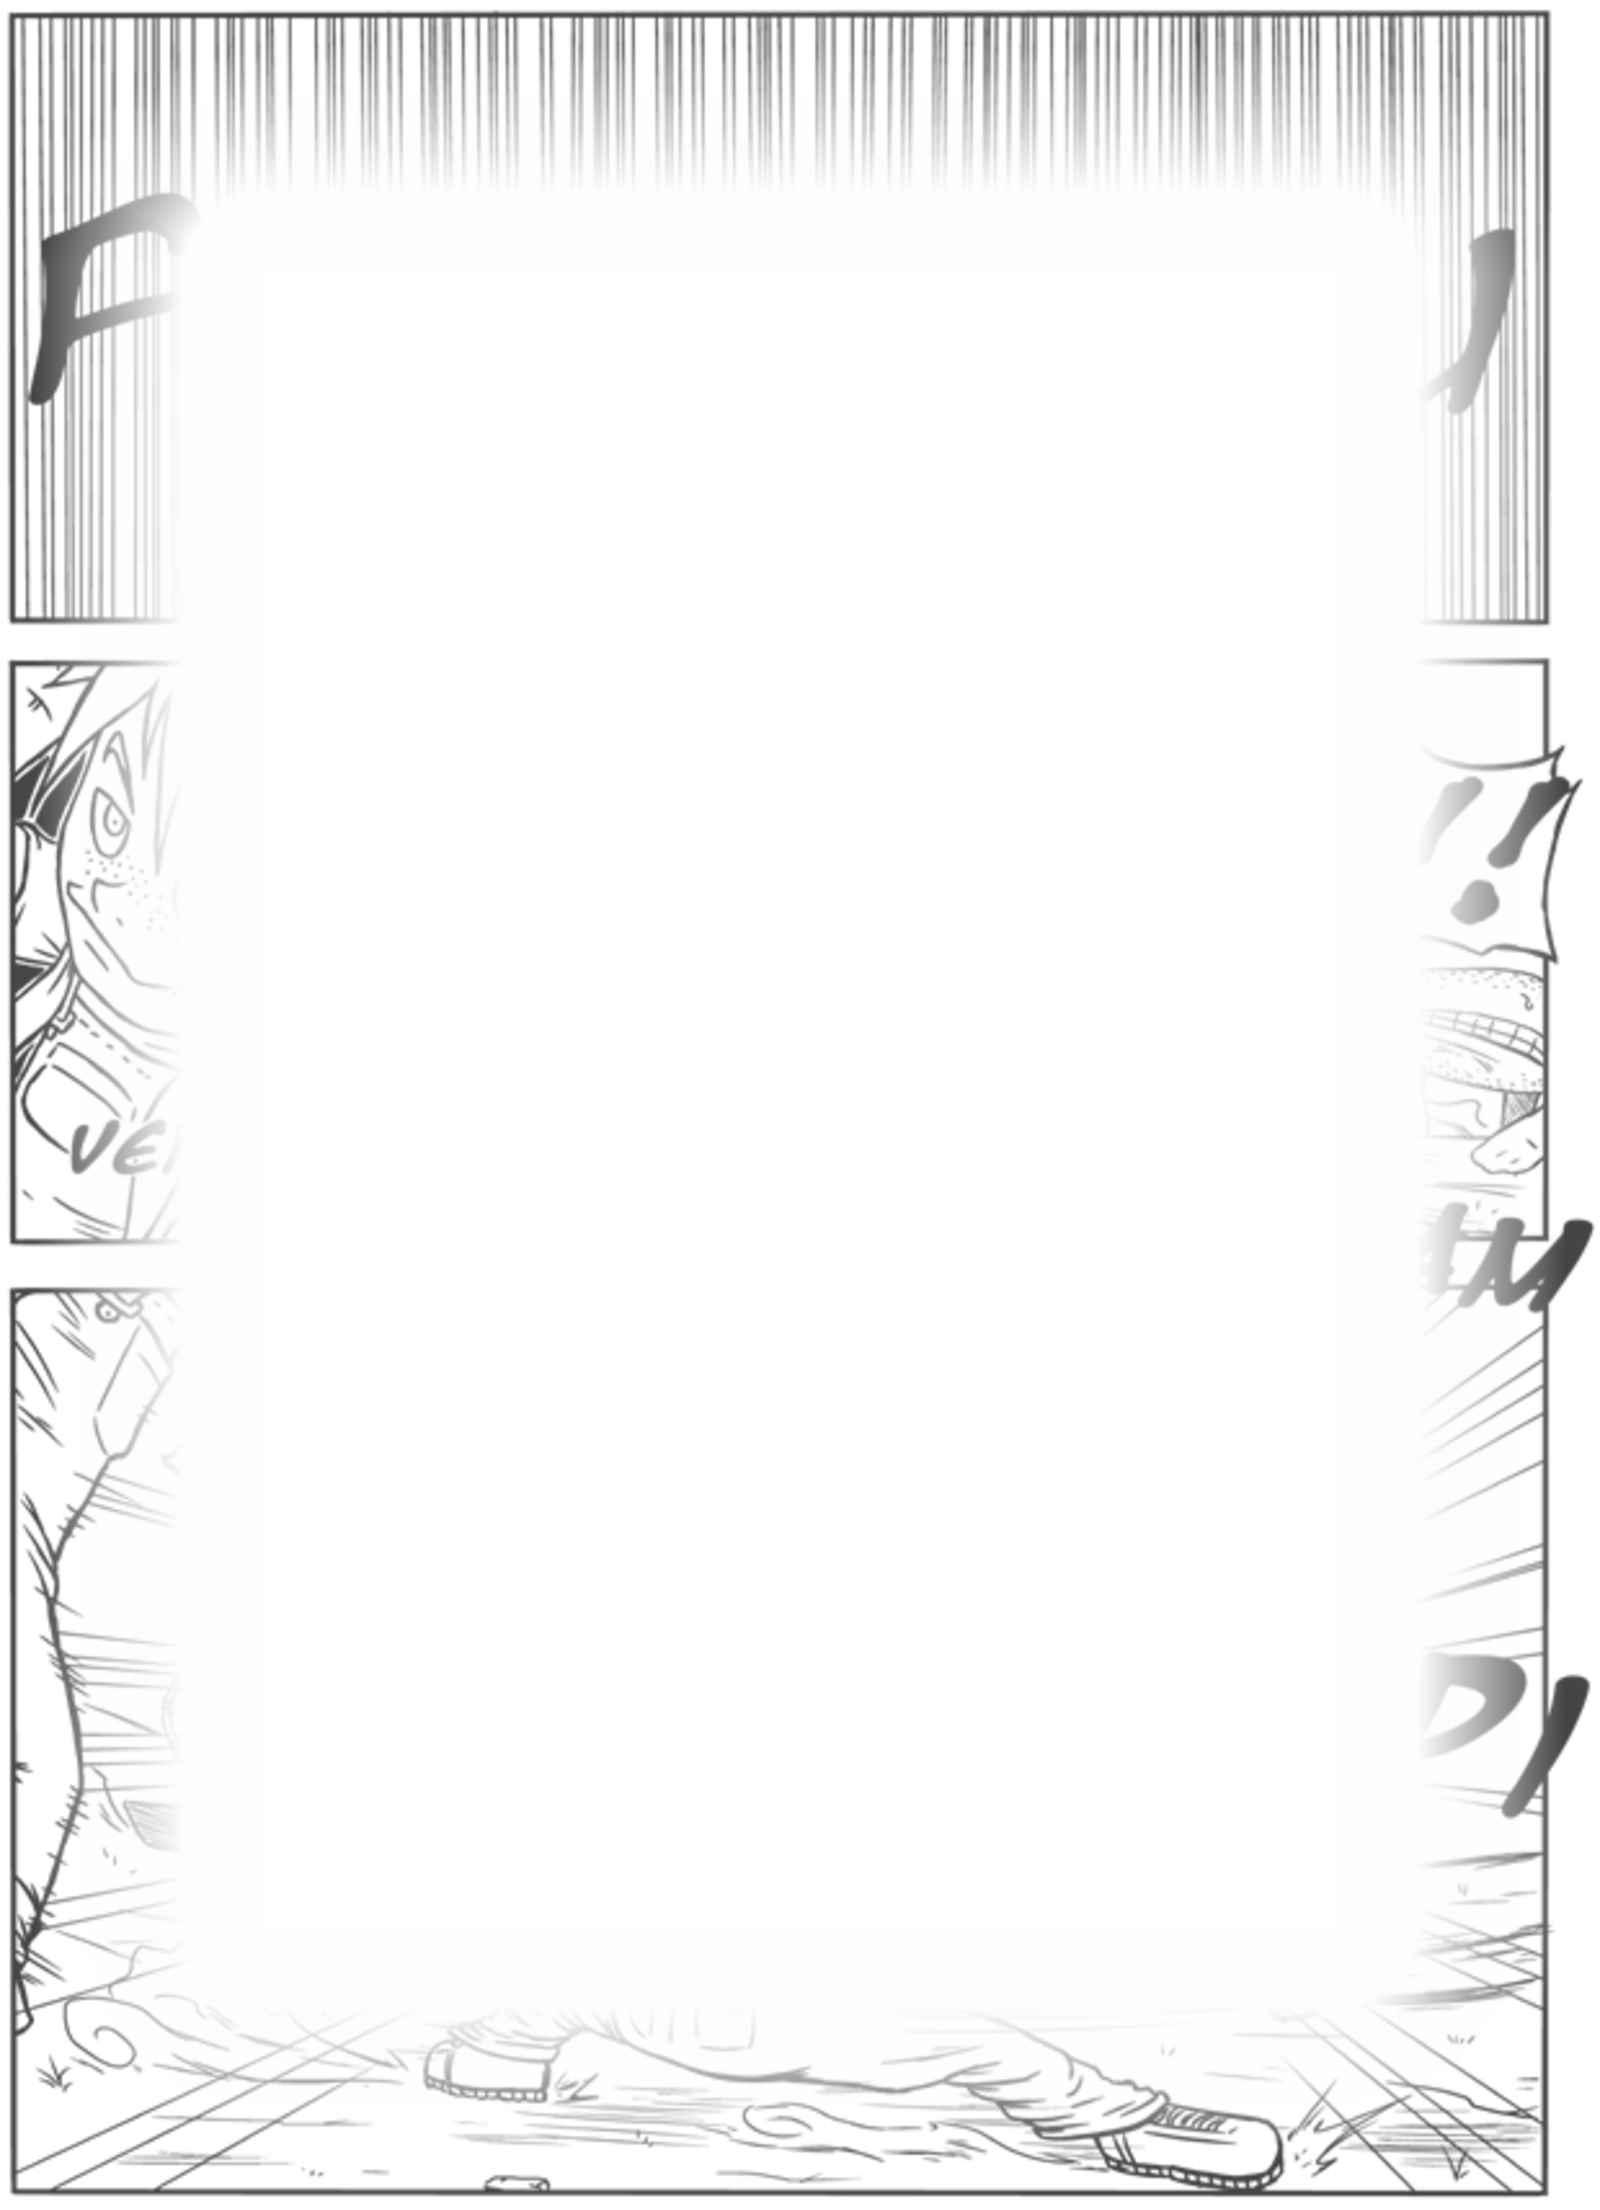 フード・アタック : チャプター 1 ページ 18